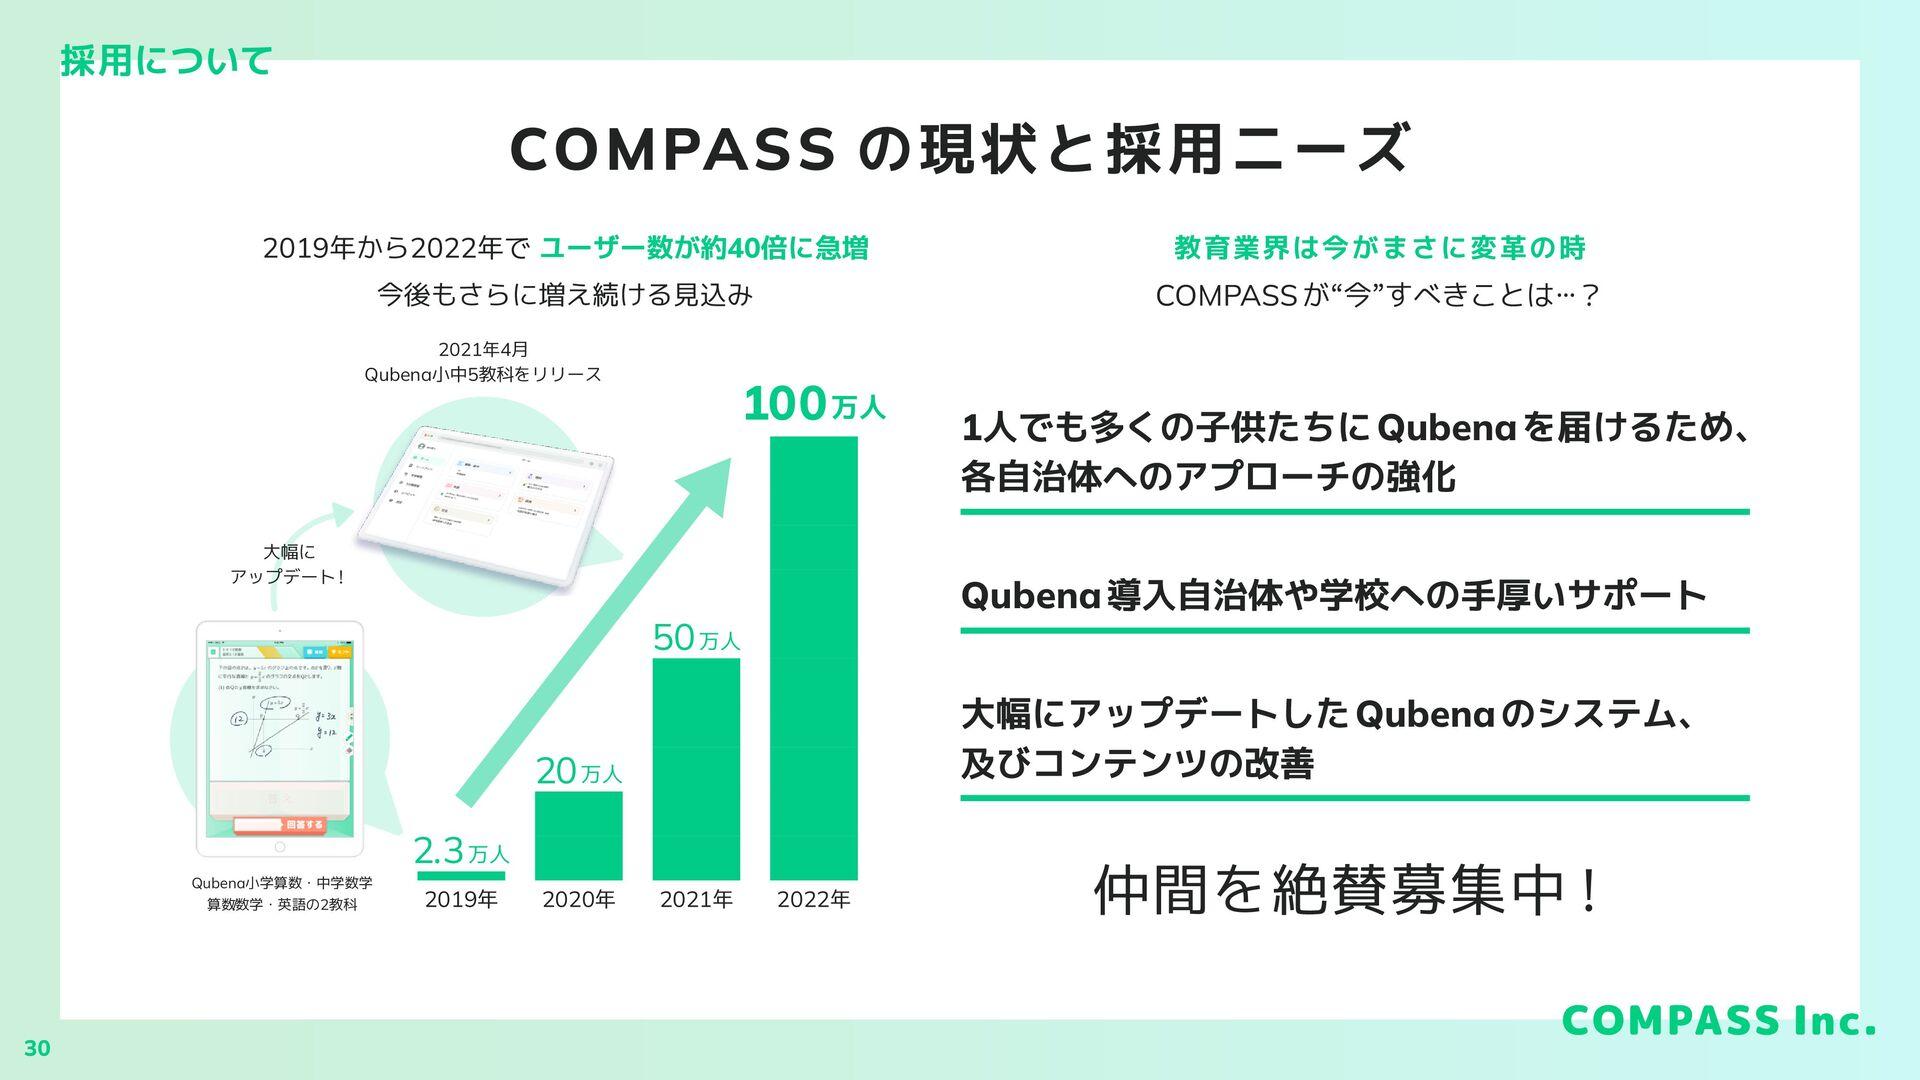 COMPASSで働く魅力 仕事も プライベートも 欲張れる チームで働くことや変化を楽しめるタ...